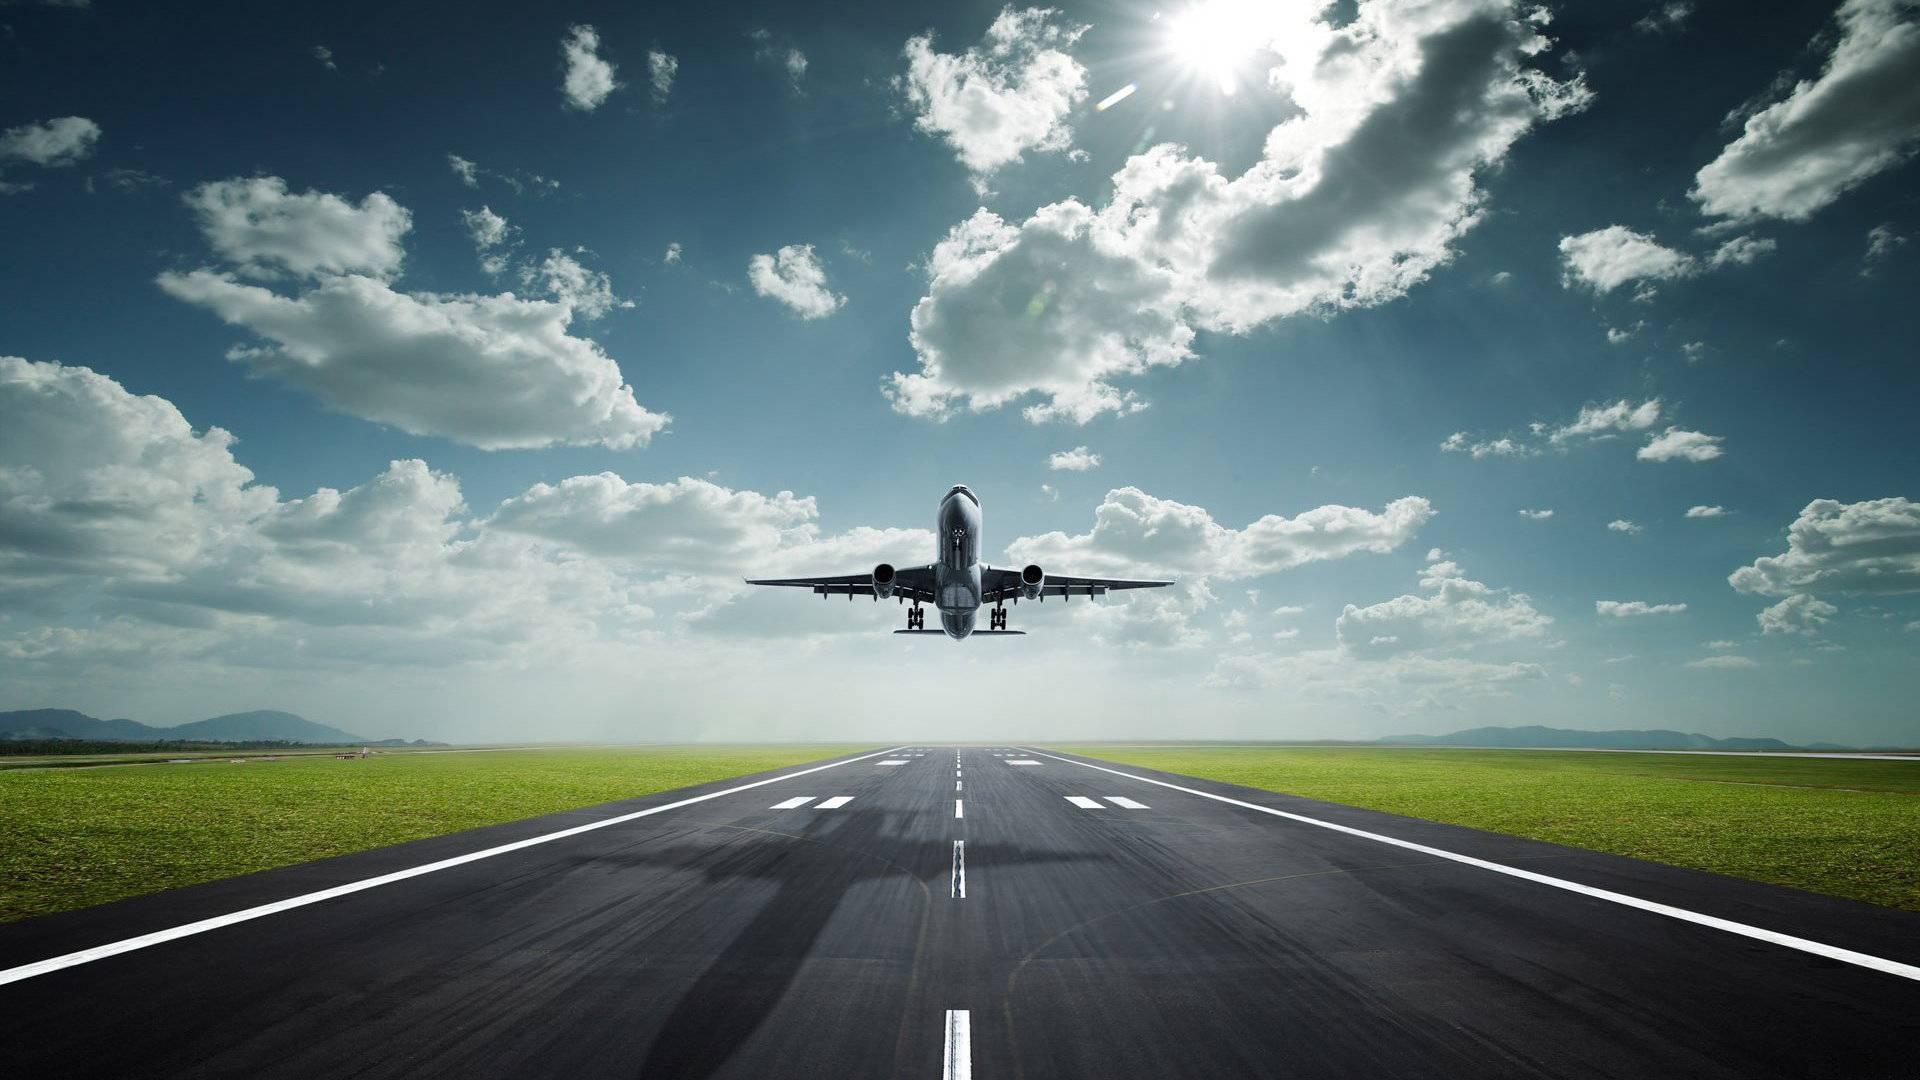 35146 Заставки и Обои Самолеты на телефон. Скачать Самолеты, Транспорт картинки бесплатно